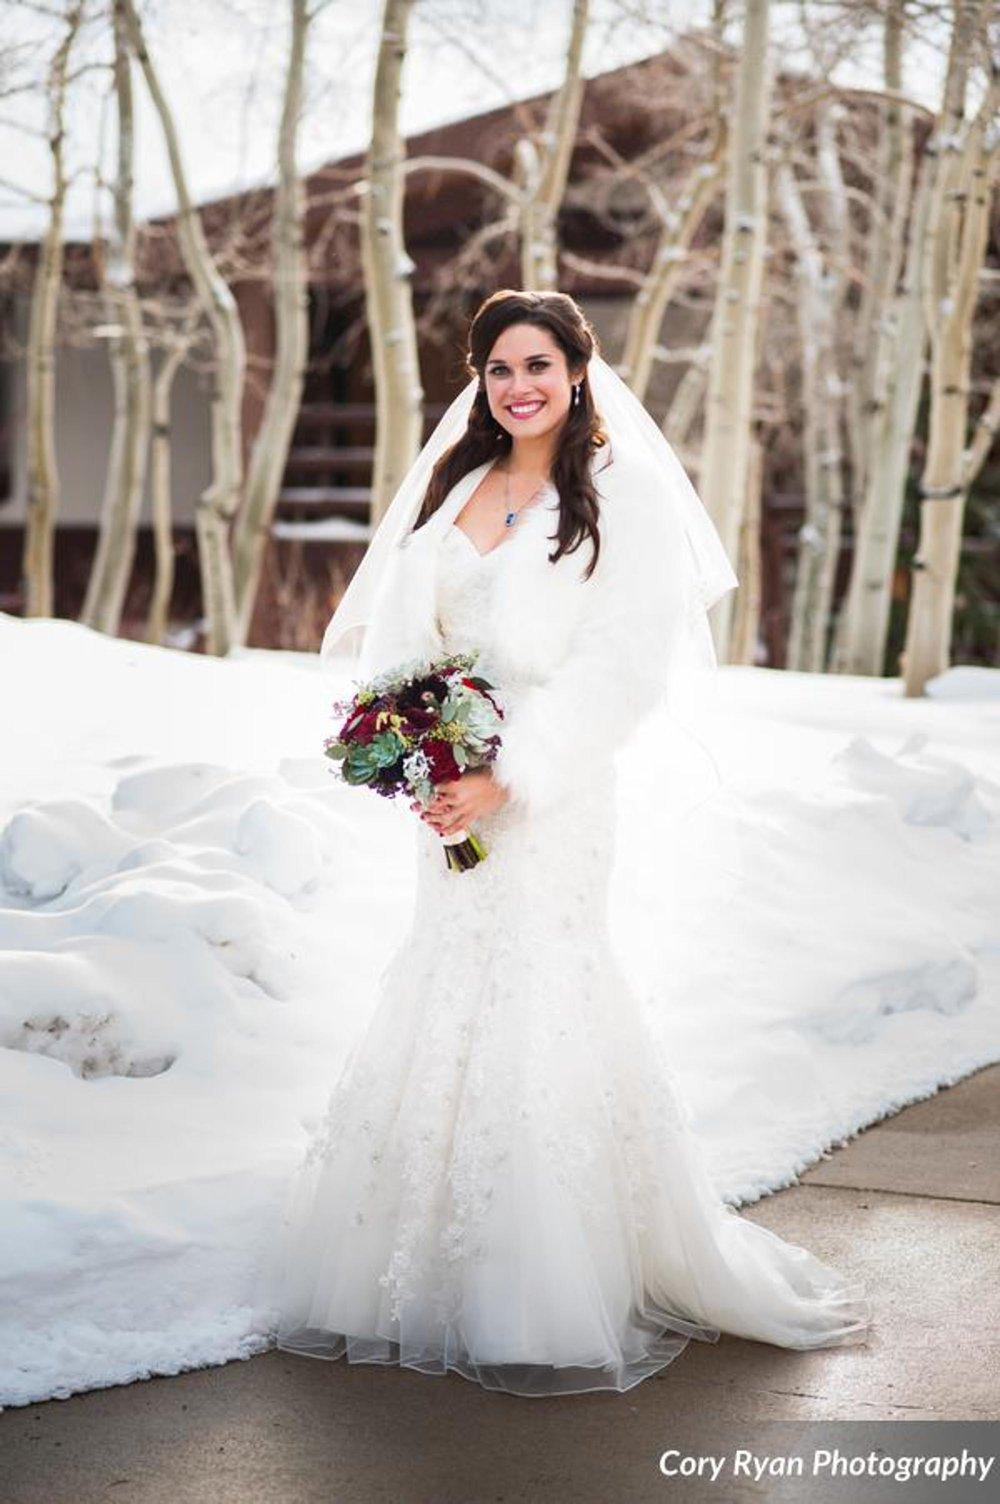 romantic winter wedding stein eriksen lodge-57.jpg